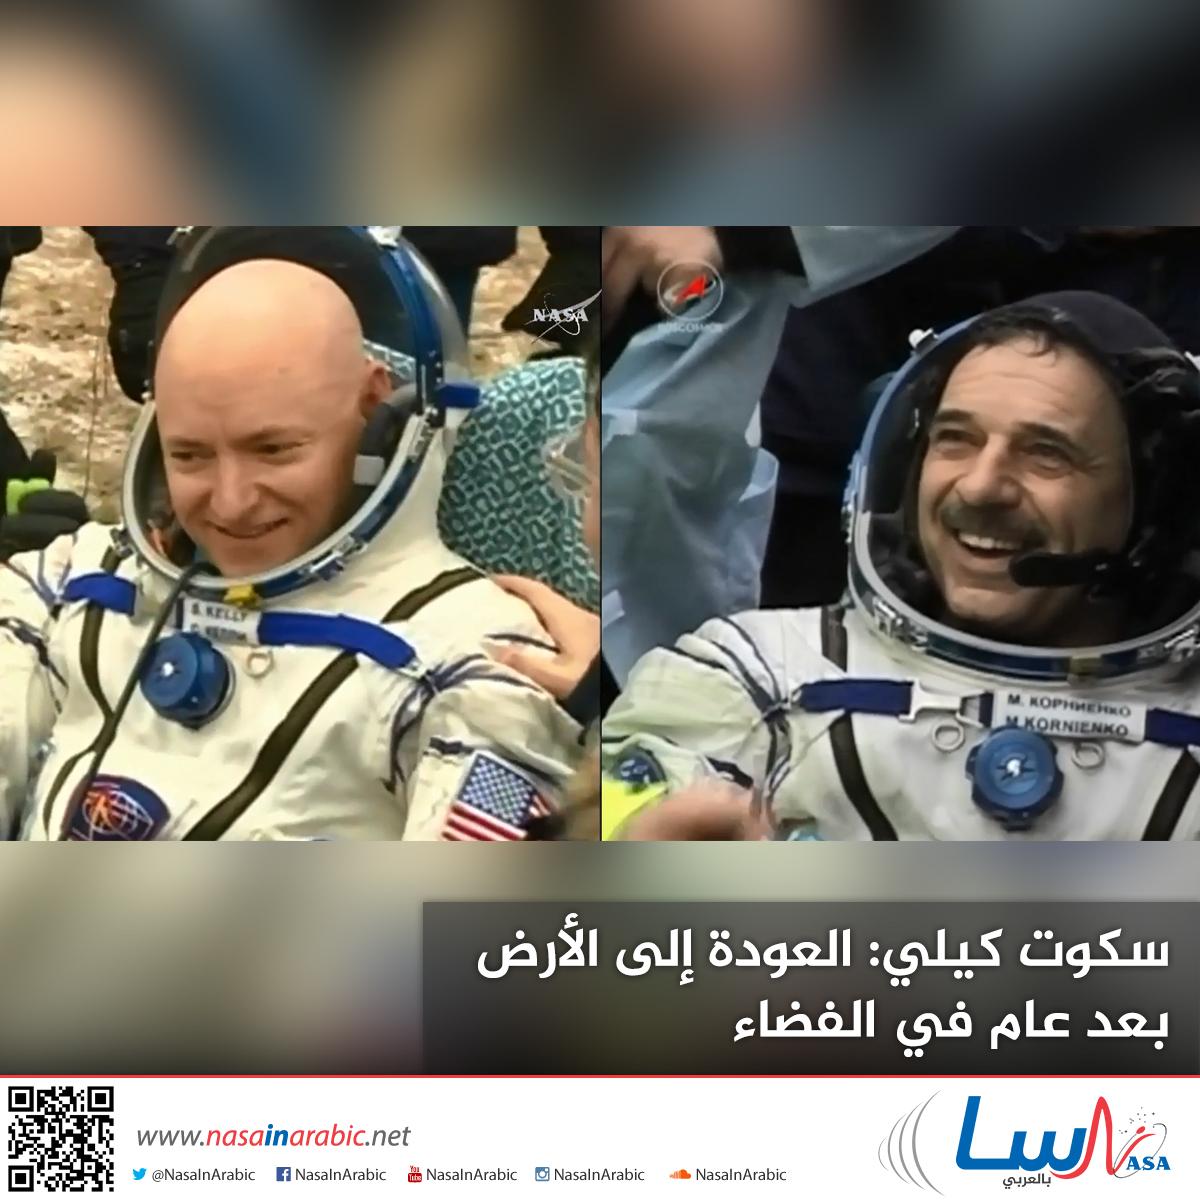 سكوت كيلي: العودة إلى الأرض بعد عام في الفضاء